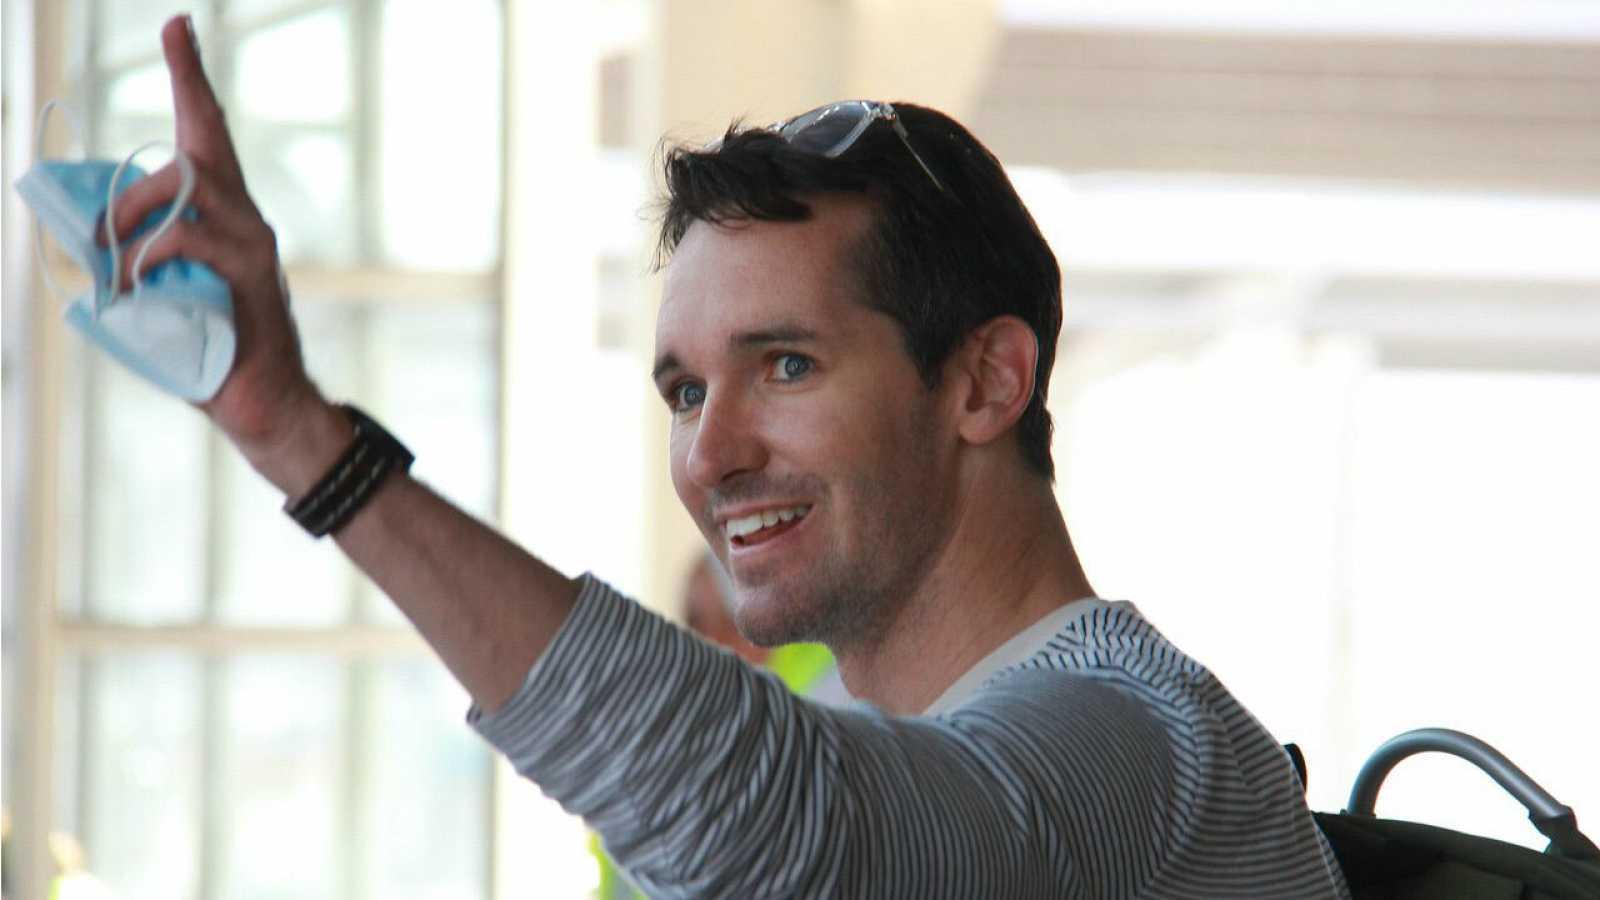 El periodista de la Australian Broadcasting Corporation, Bill Birtles, saludando a su llegada a Sydney después de salir de China por temor a ser arrestado.